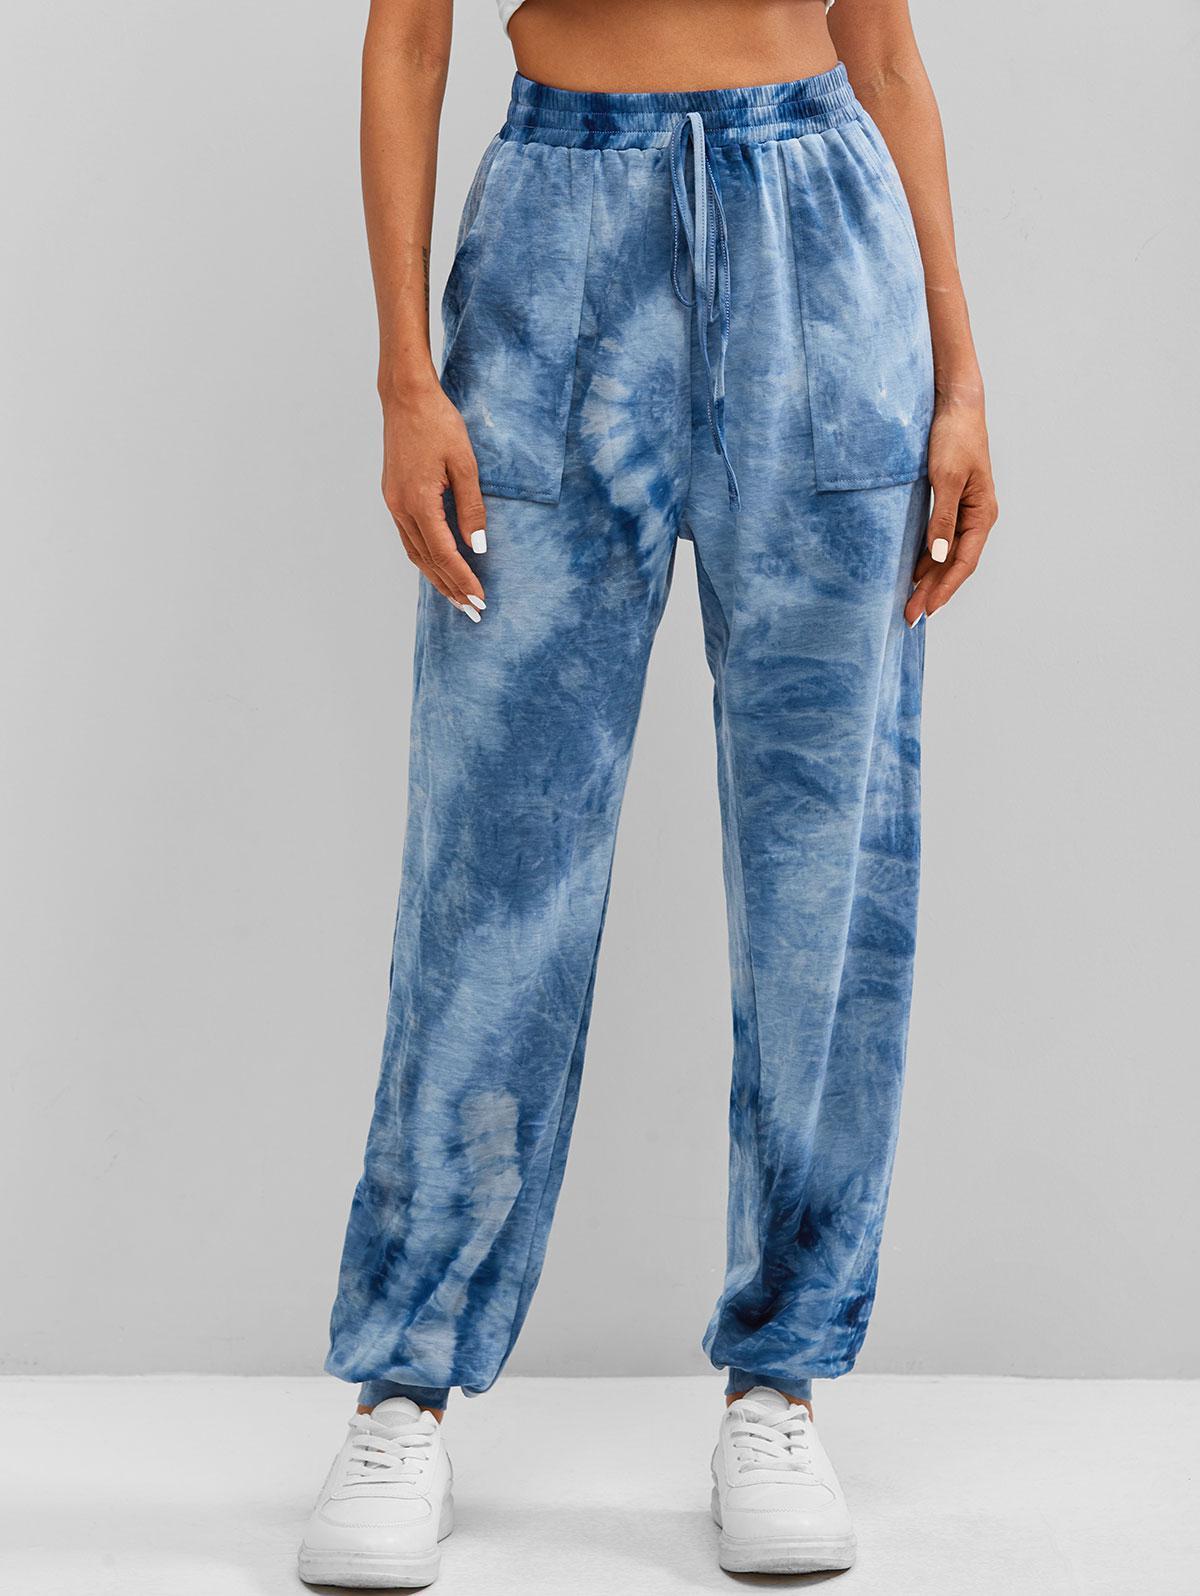 ZAFUL Tie Dye Jogger Pants